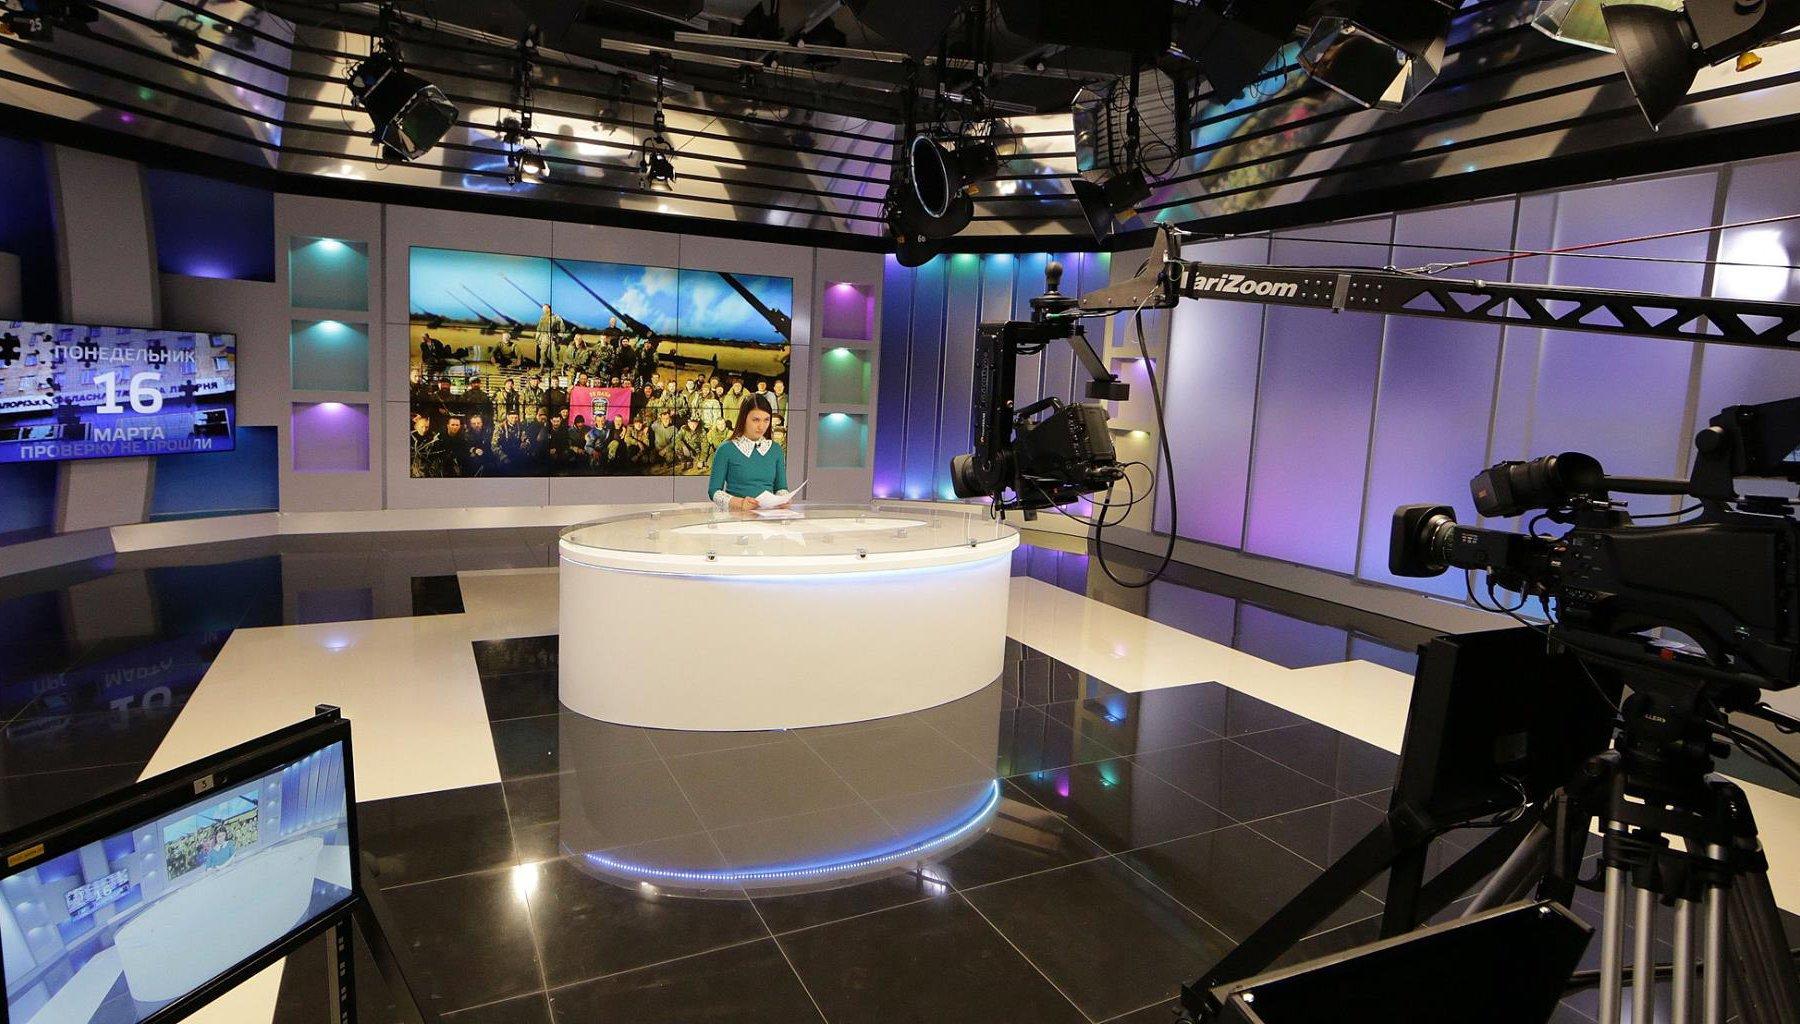 Звезды запорожского телеканала рассказали, что никогда не увидят зрители - видео – Индустриалка